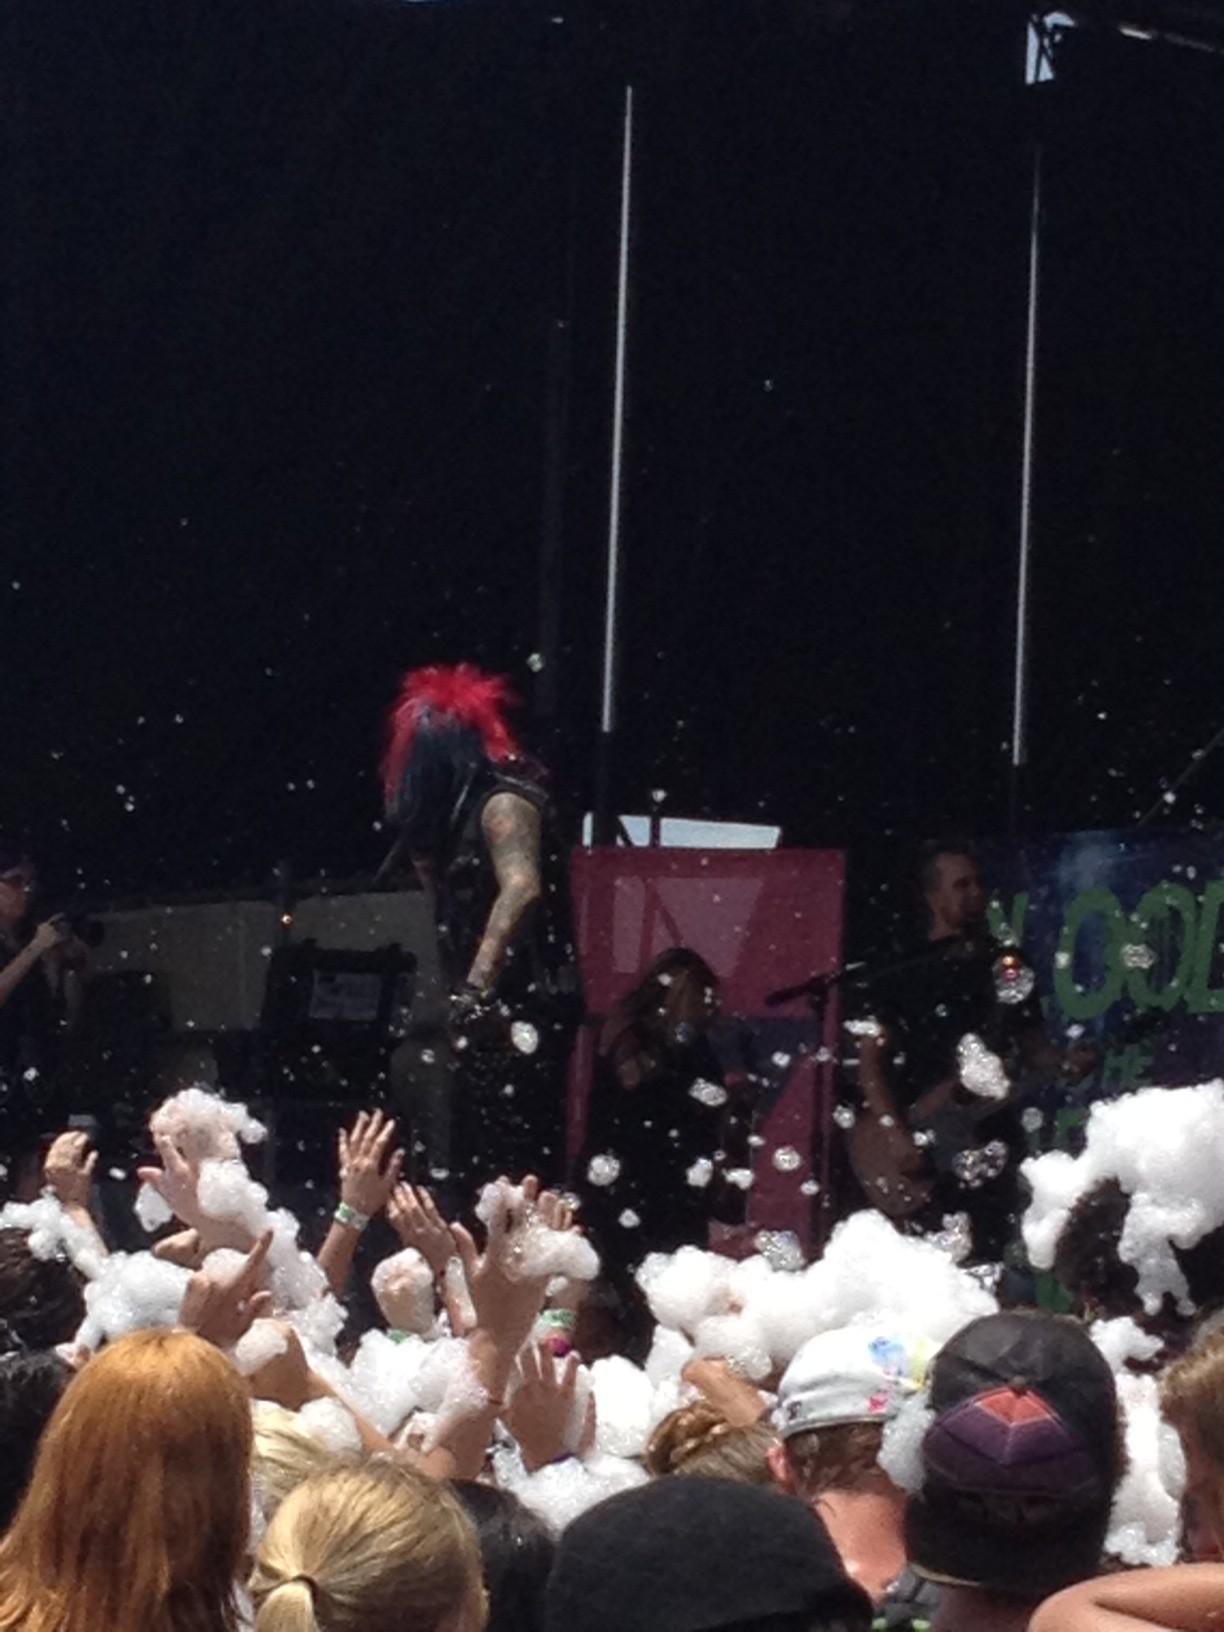 Foam! Party like it's 1999!